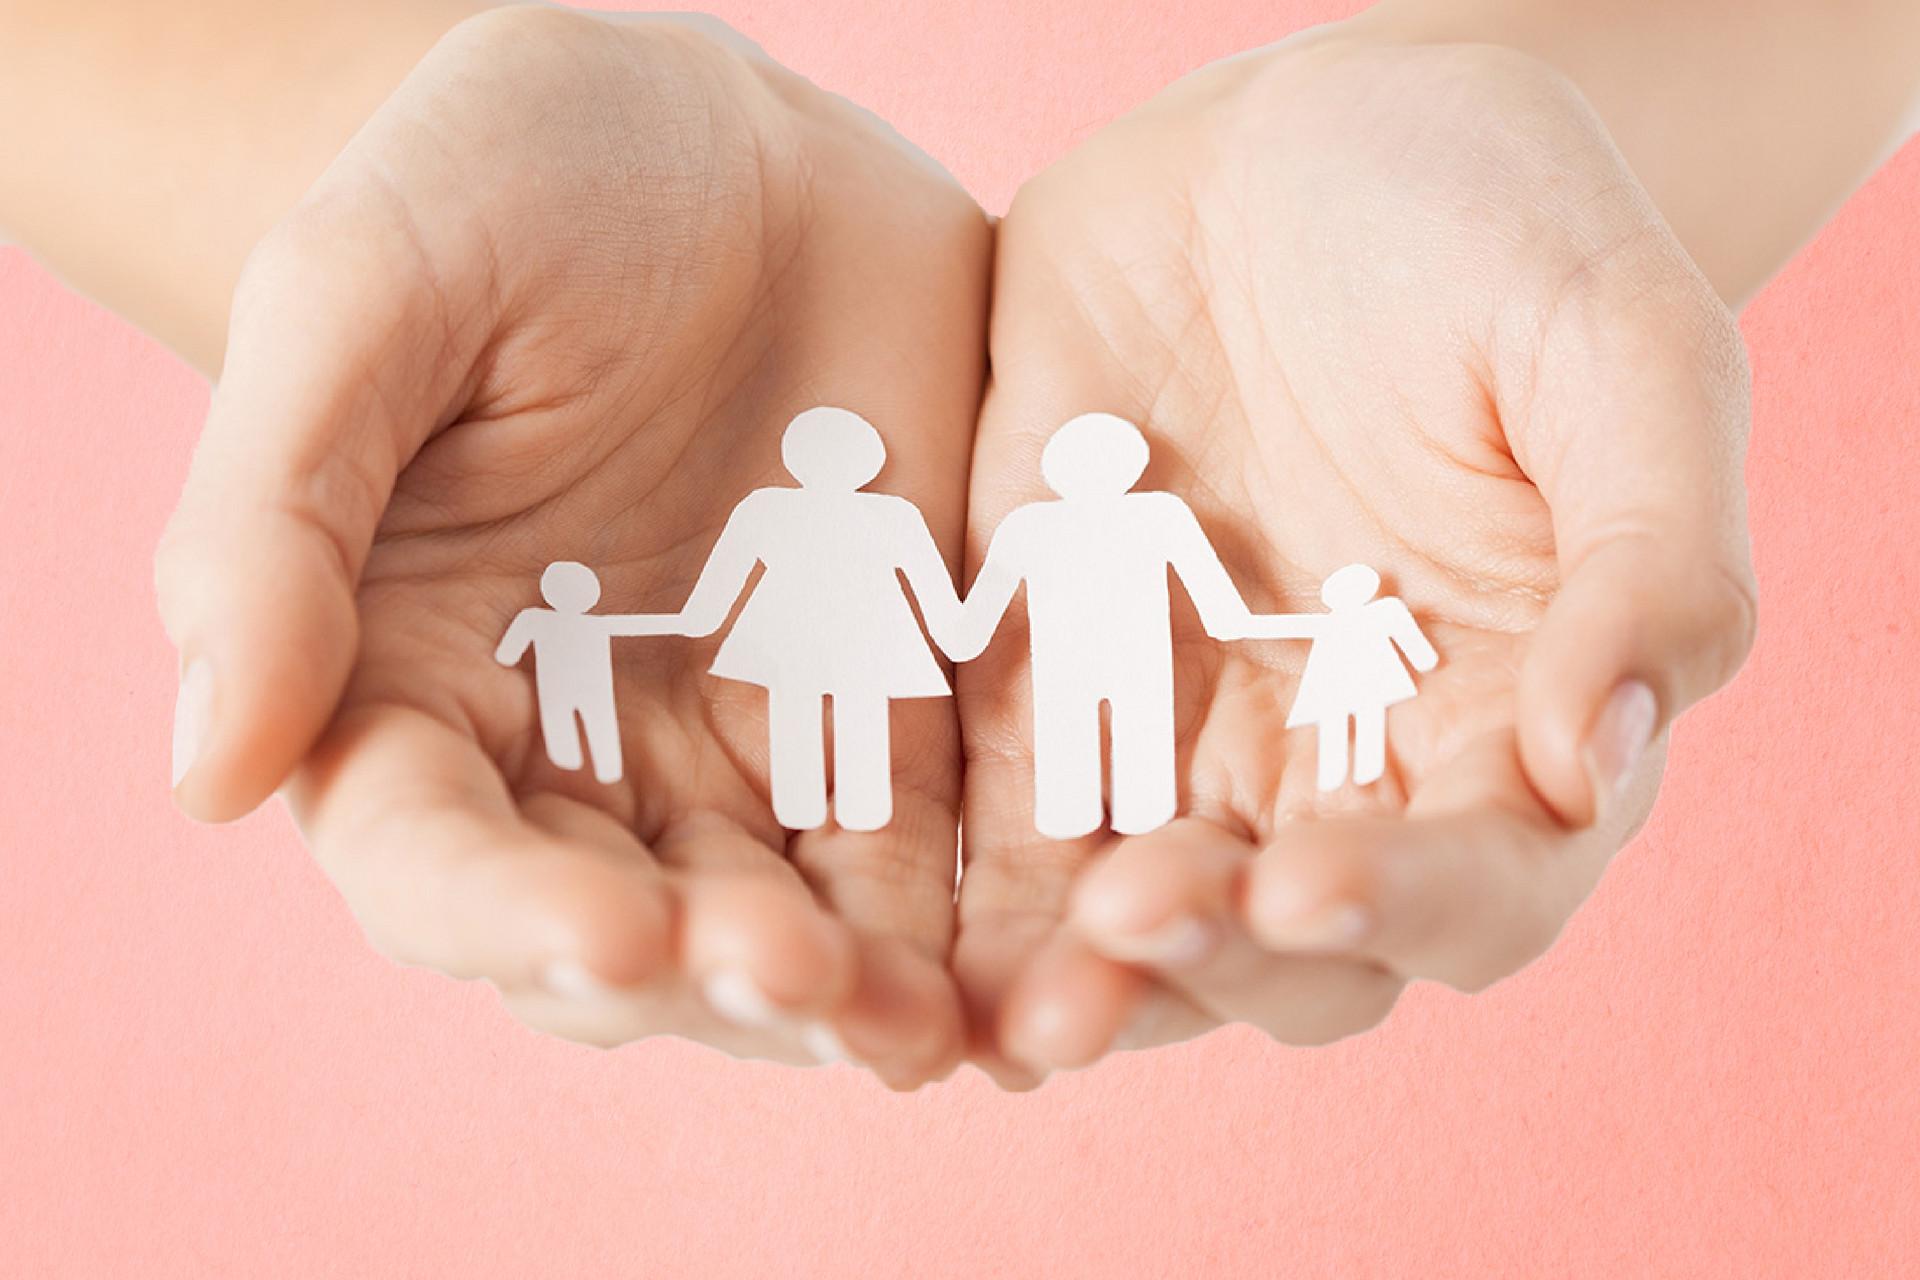 为什么要给孩子买保险,给孩子买保险好处有哪些